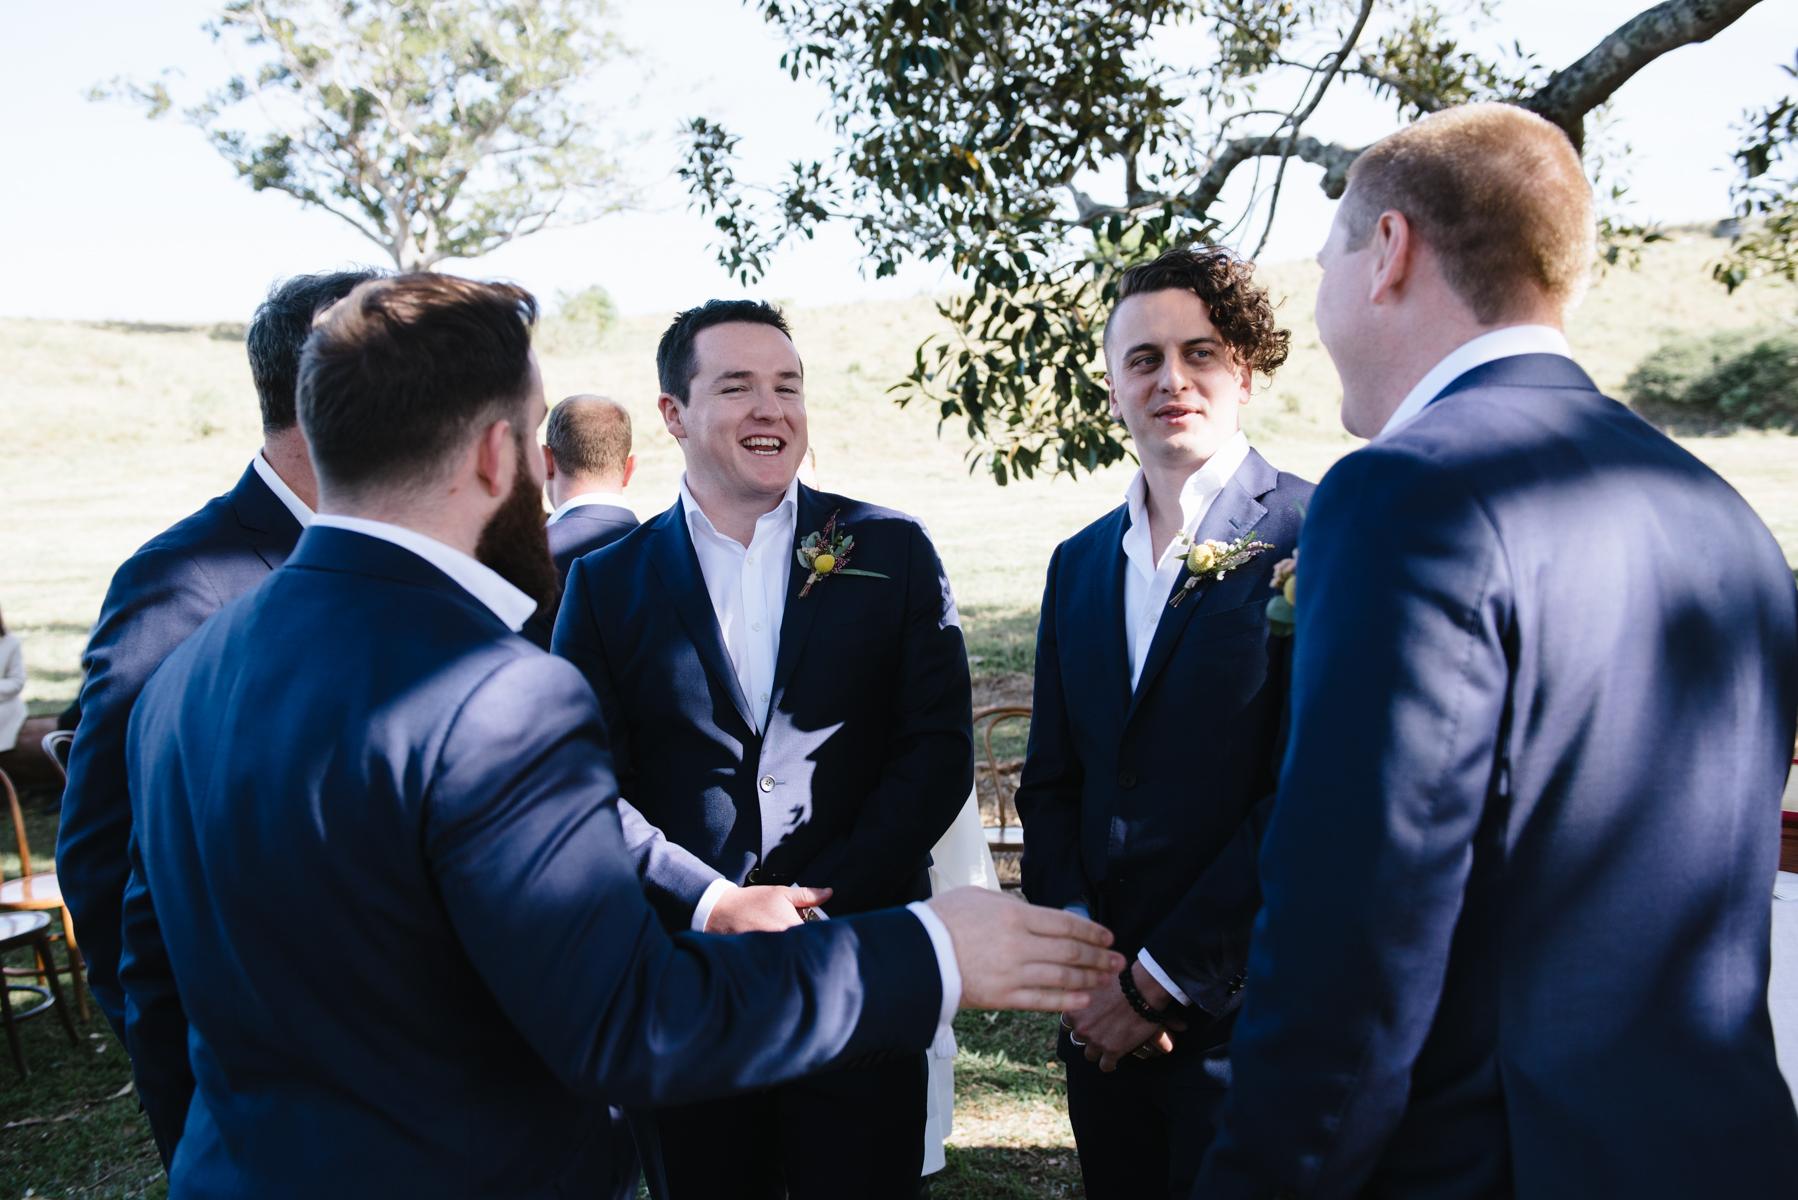 sarahandBenwedding- skyla sage photography weddings, families, byron bay,tweed coast,kingscliff,cabarita,gold coast-332.jpg